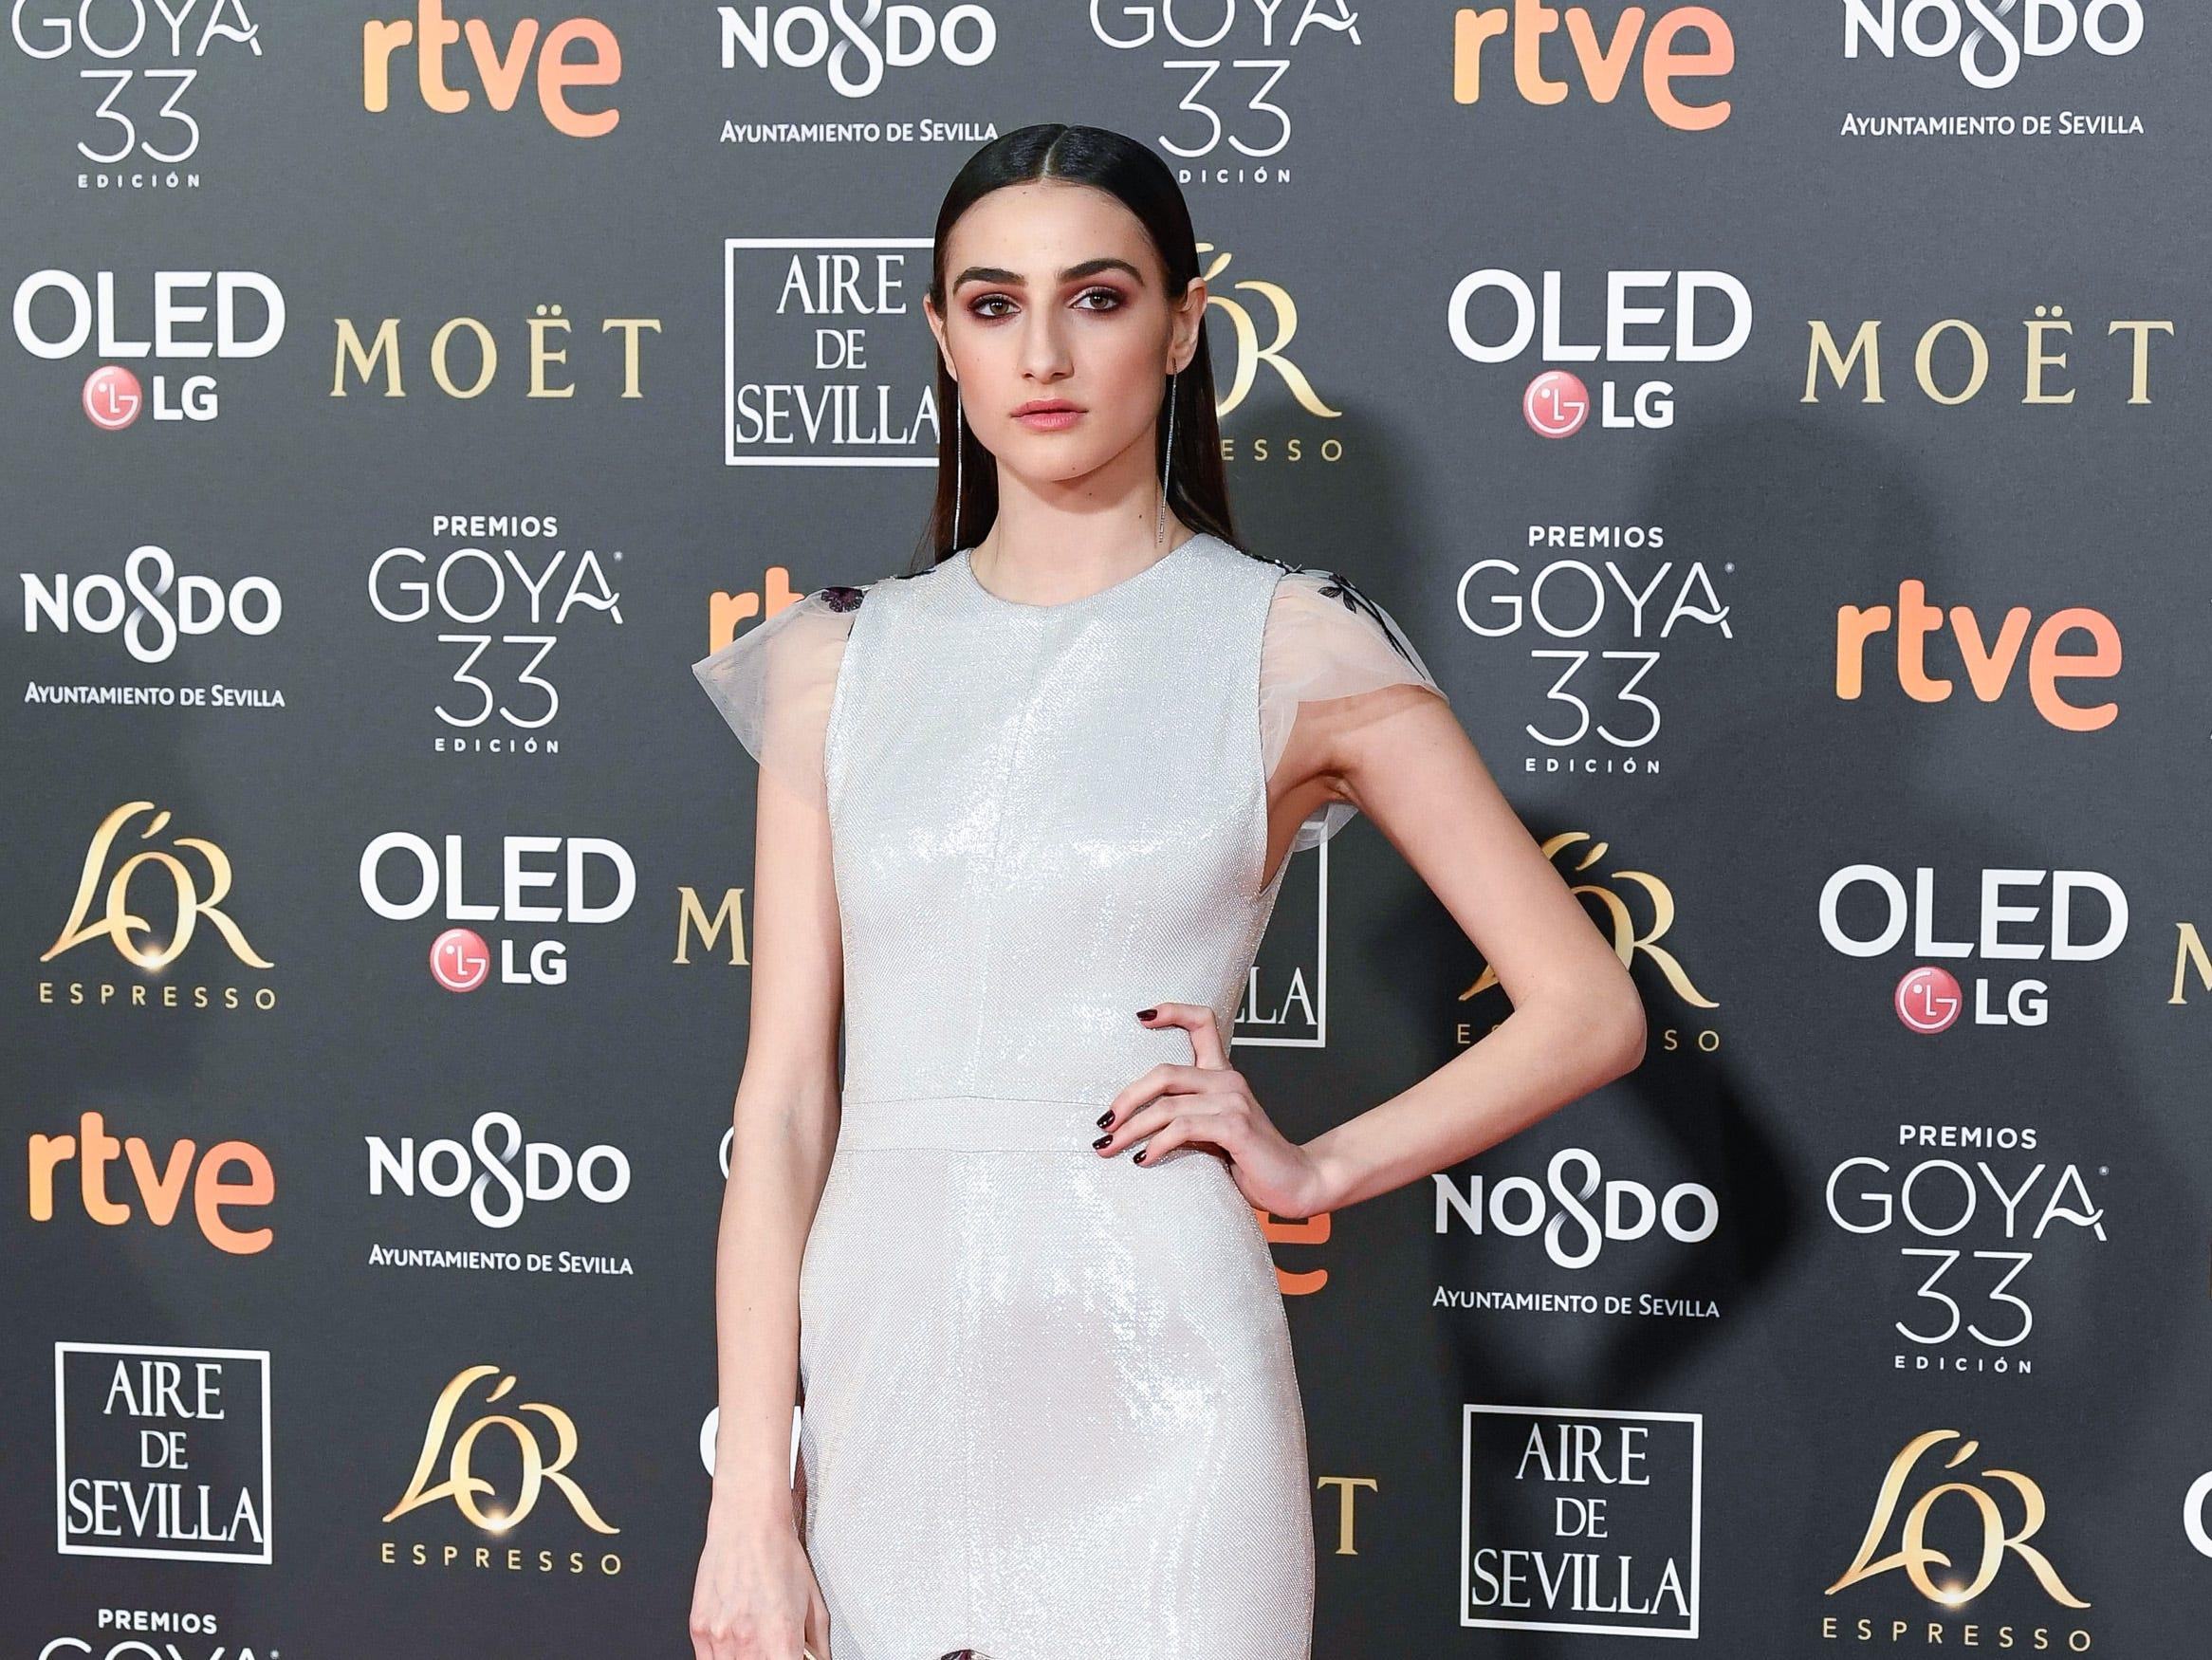 Sandra Escacena asiste a la 33ª edición de los Premios de Cine Goya en el Palacio de Congresos y Exposiciones FIBES el 2 de febrero de 2019 en Sevilla, España.